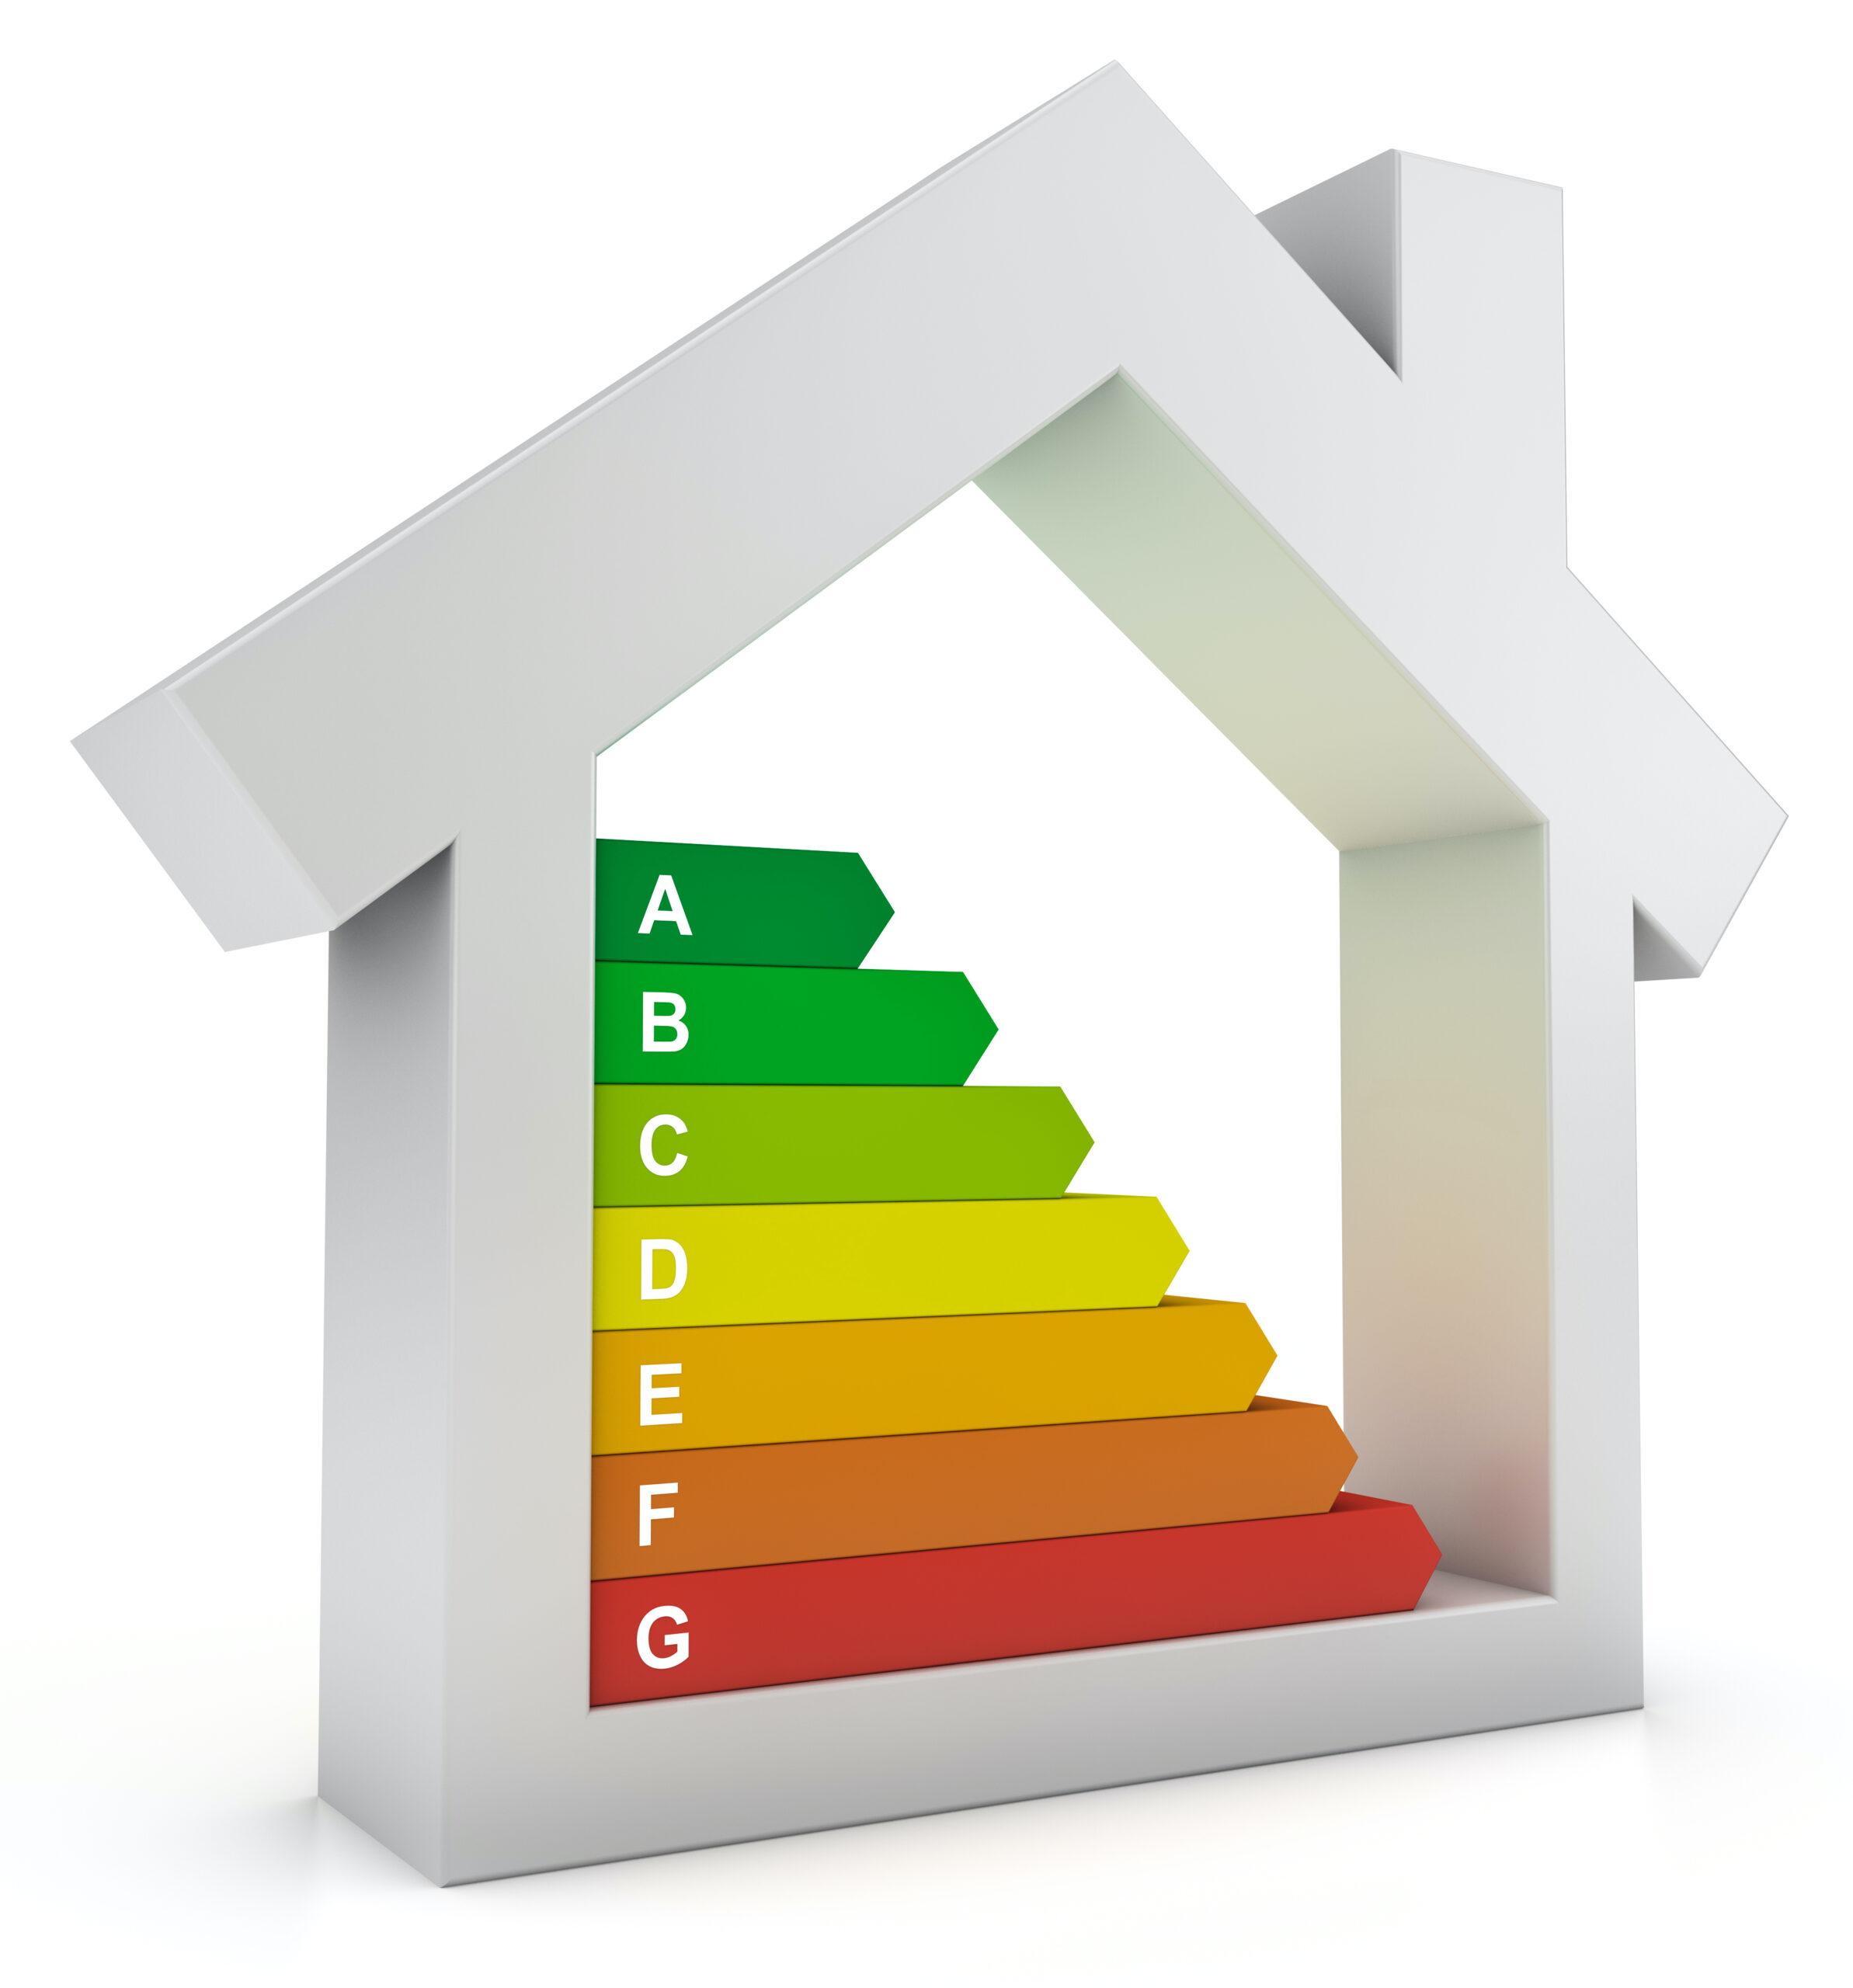 Weißes Haus mit Ausweisungen von dem Energieffizienzausweis